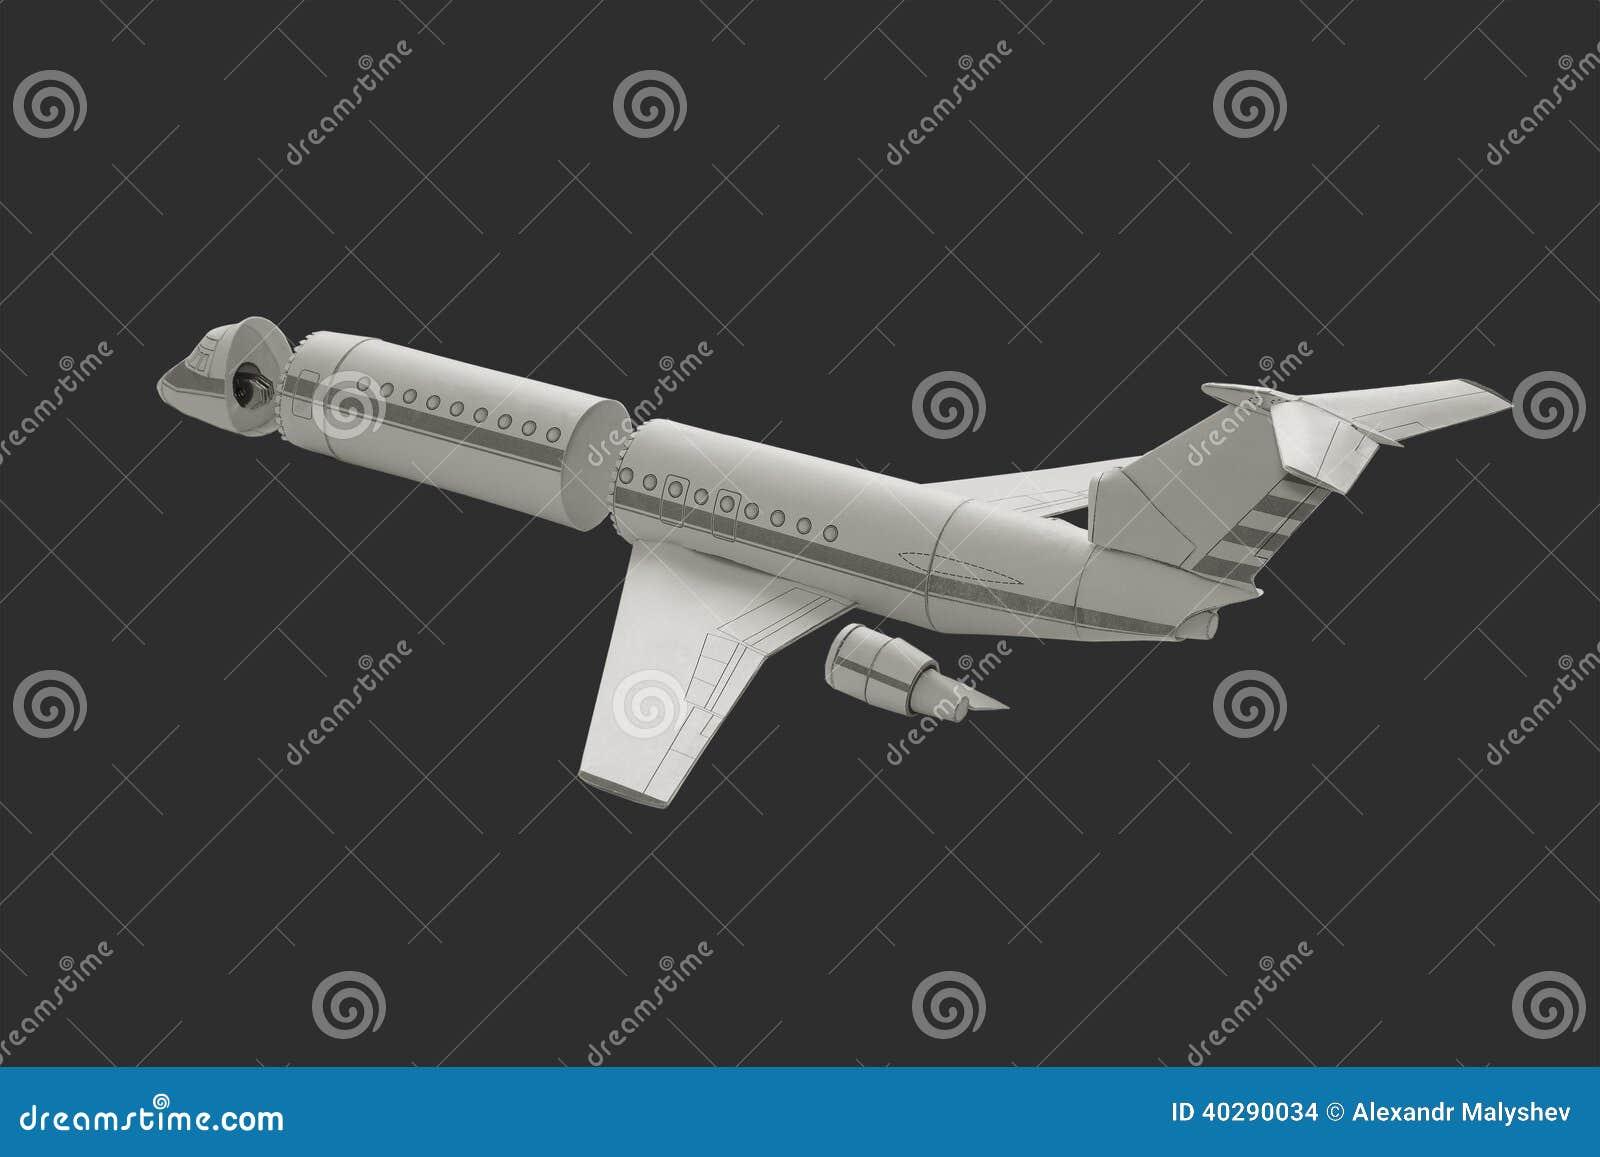 Модельный самолет.